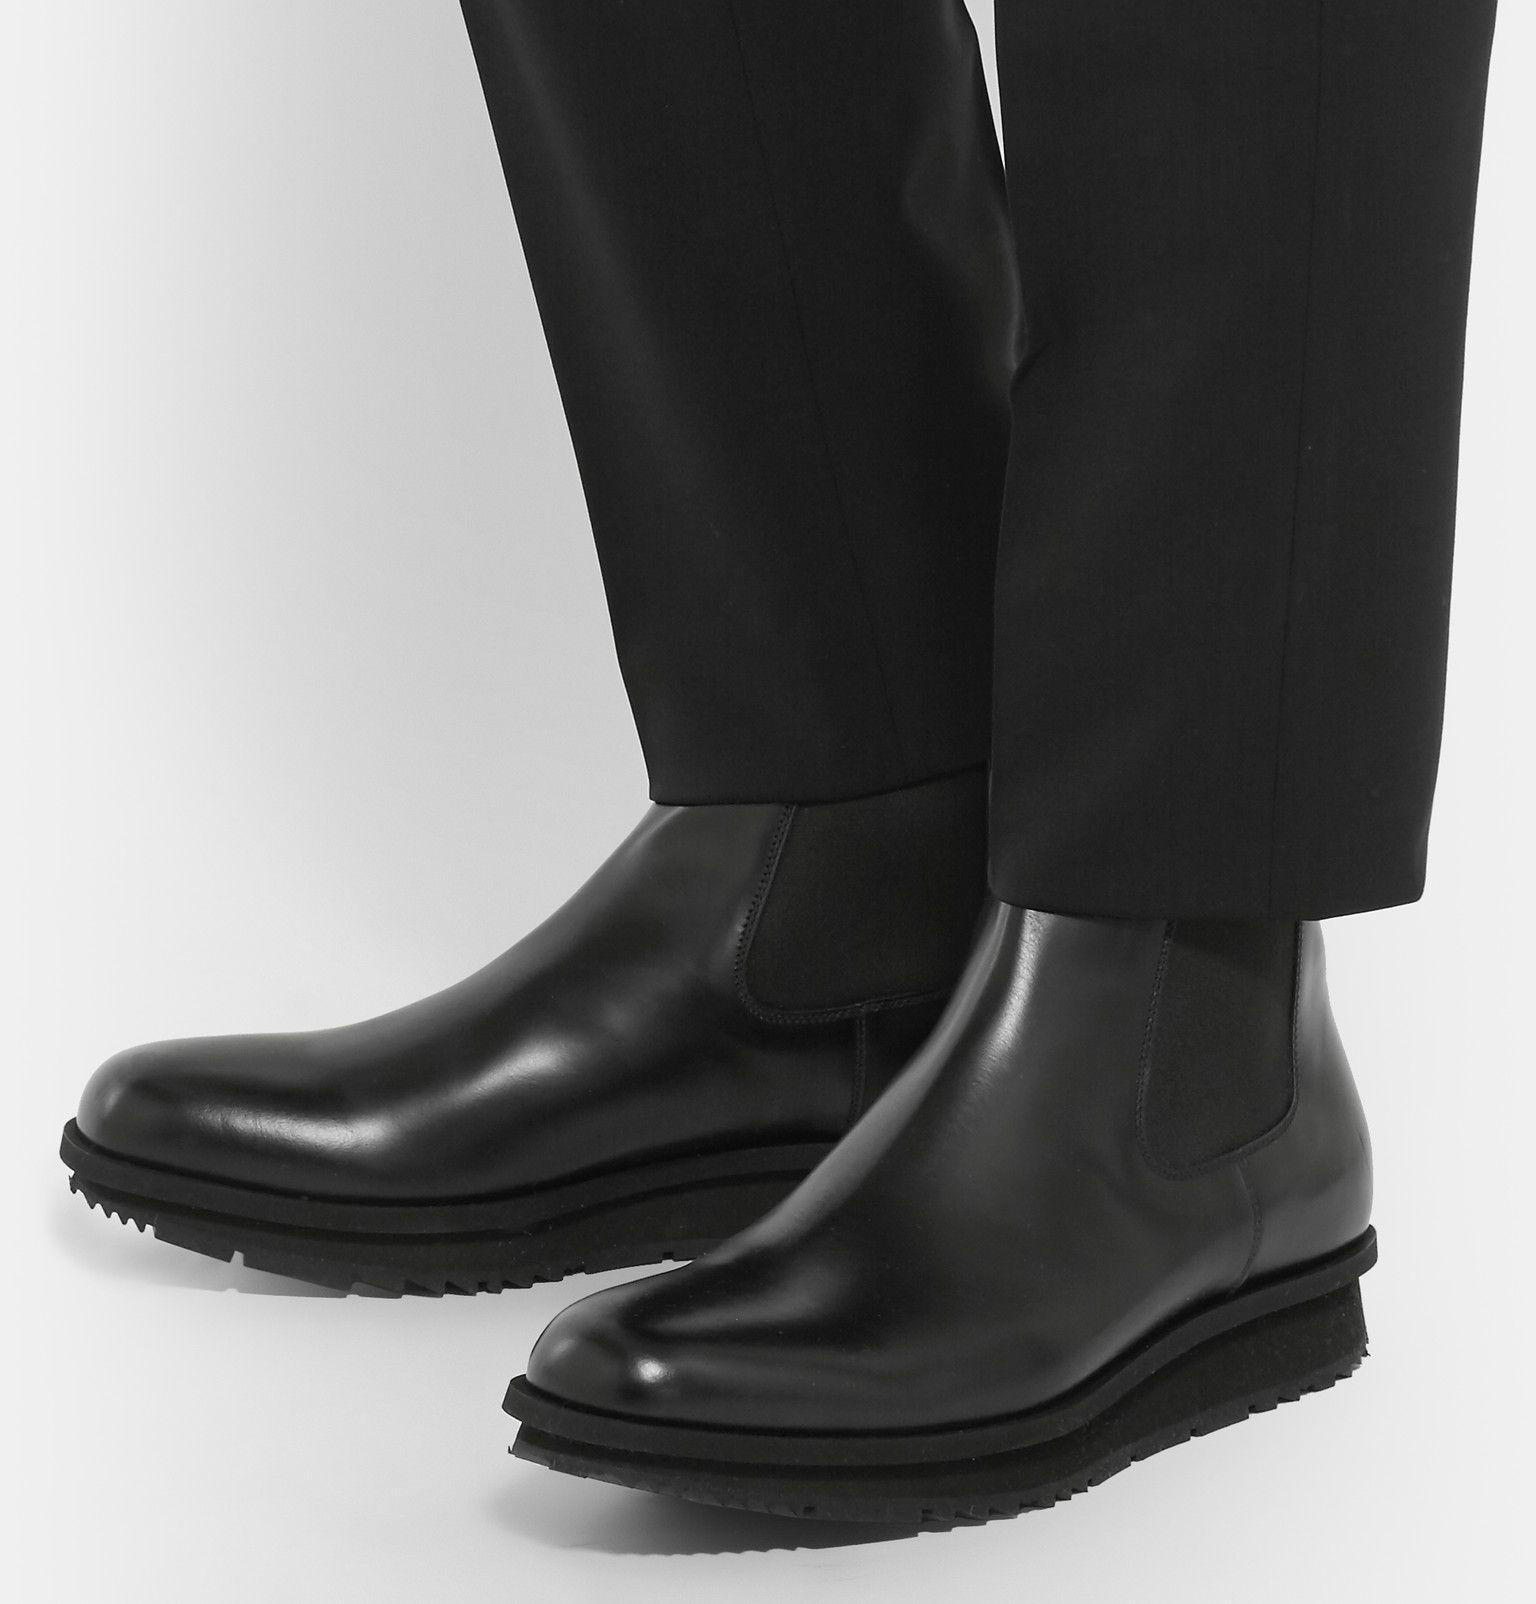 Prada Leather Western Boots BhM9EYYOf